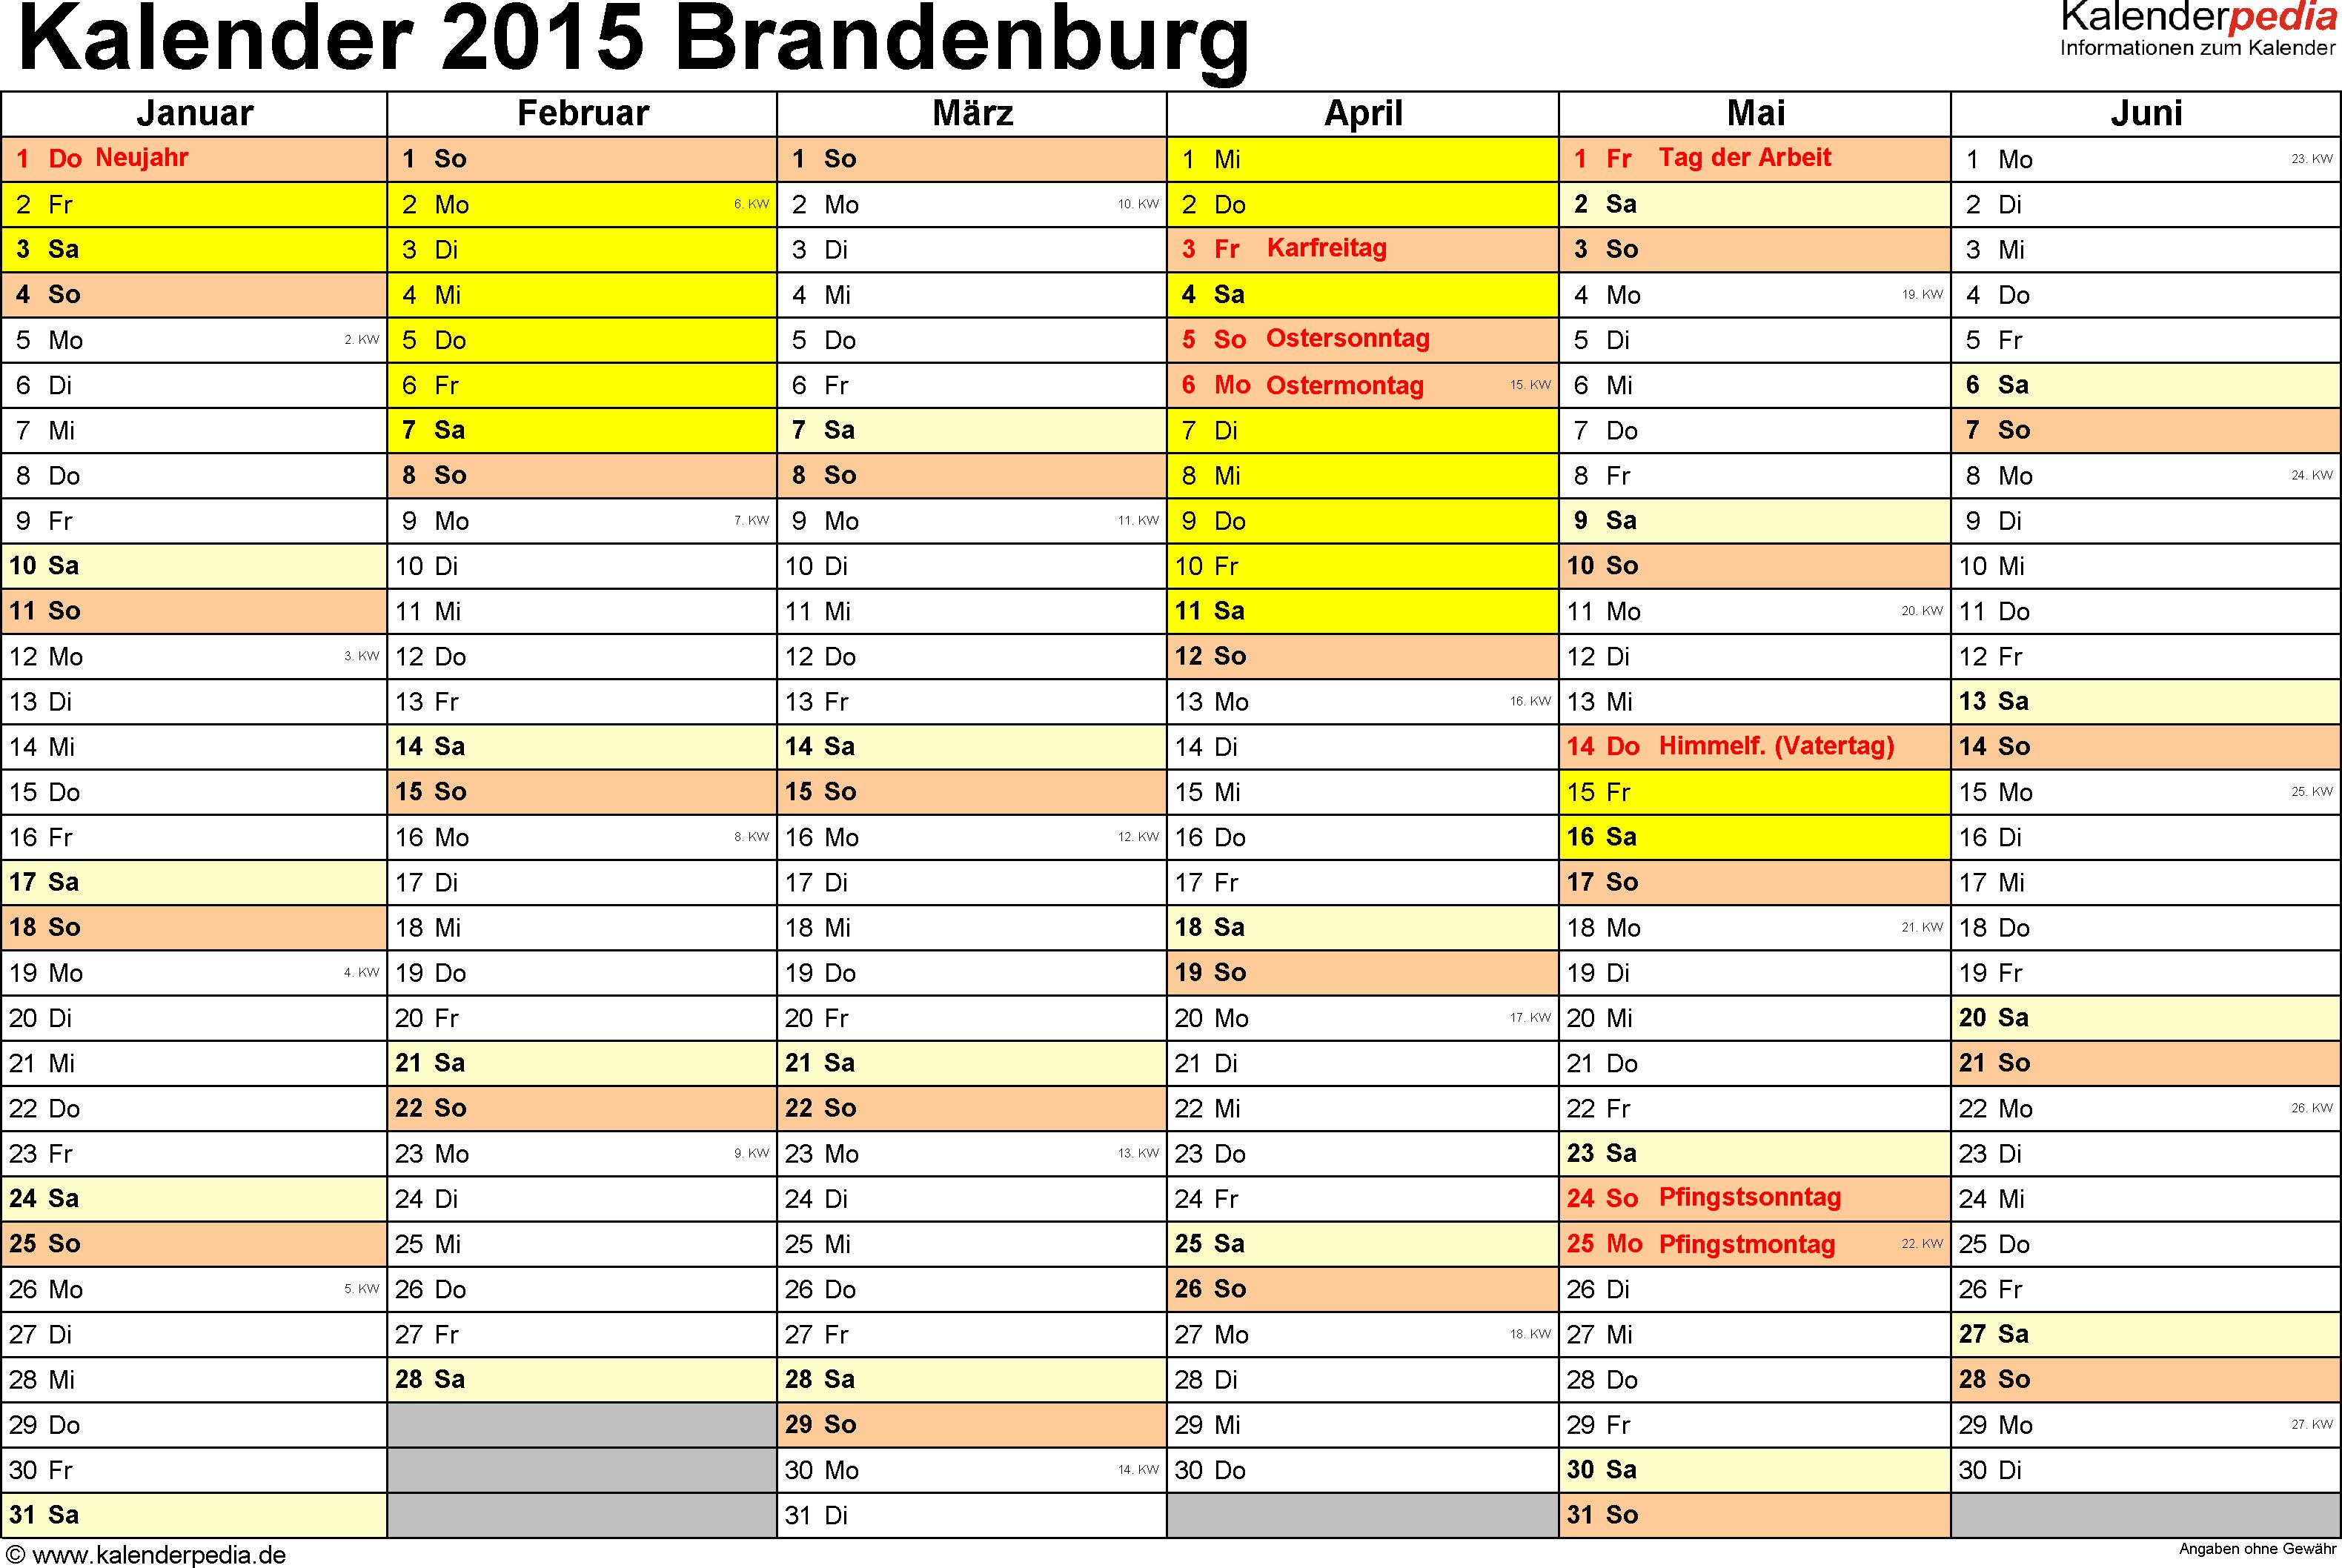 Vorlage 3: Kalender 2015 für Brandenburg als Excel-Vorlagen (Querformat, 2 Seiten)